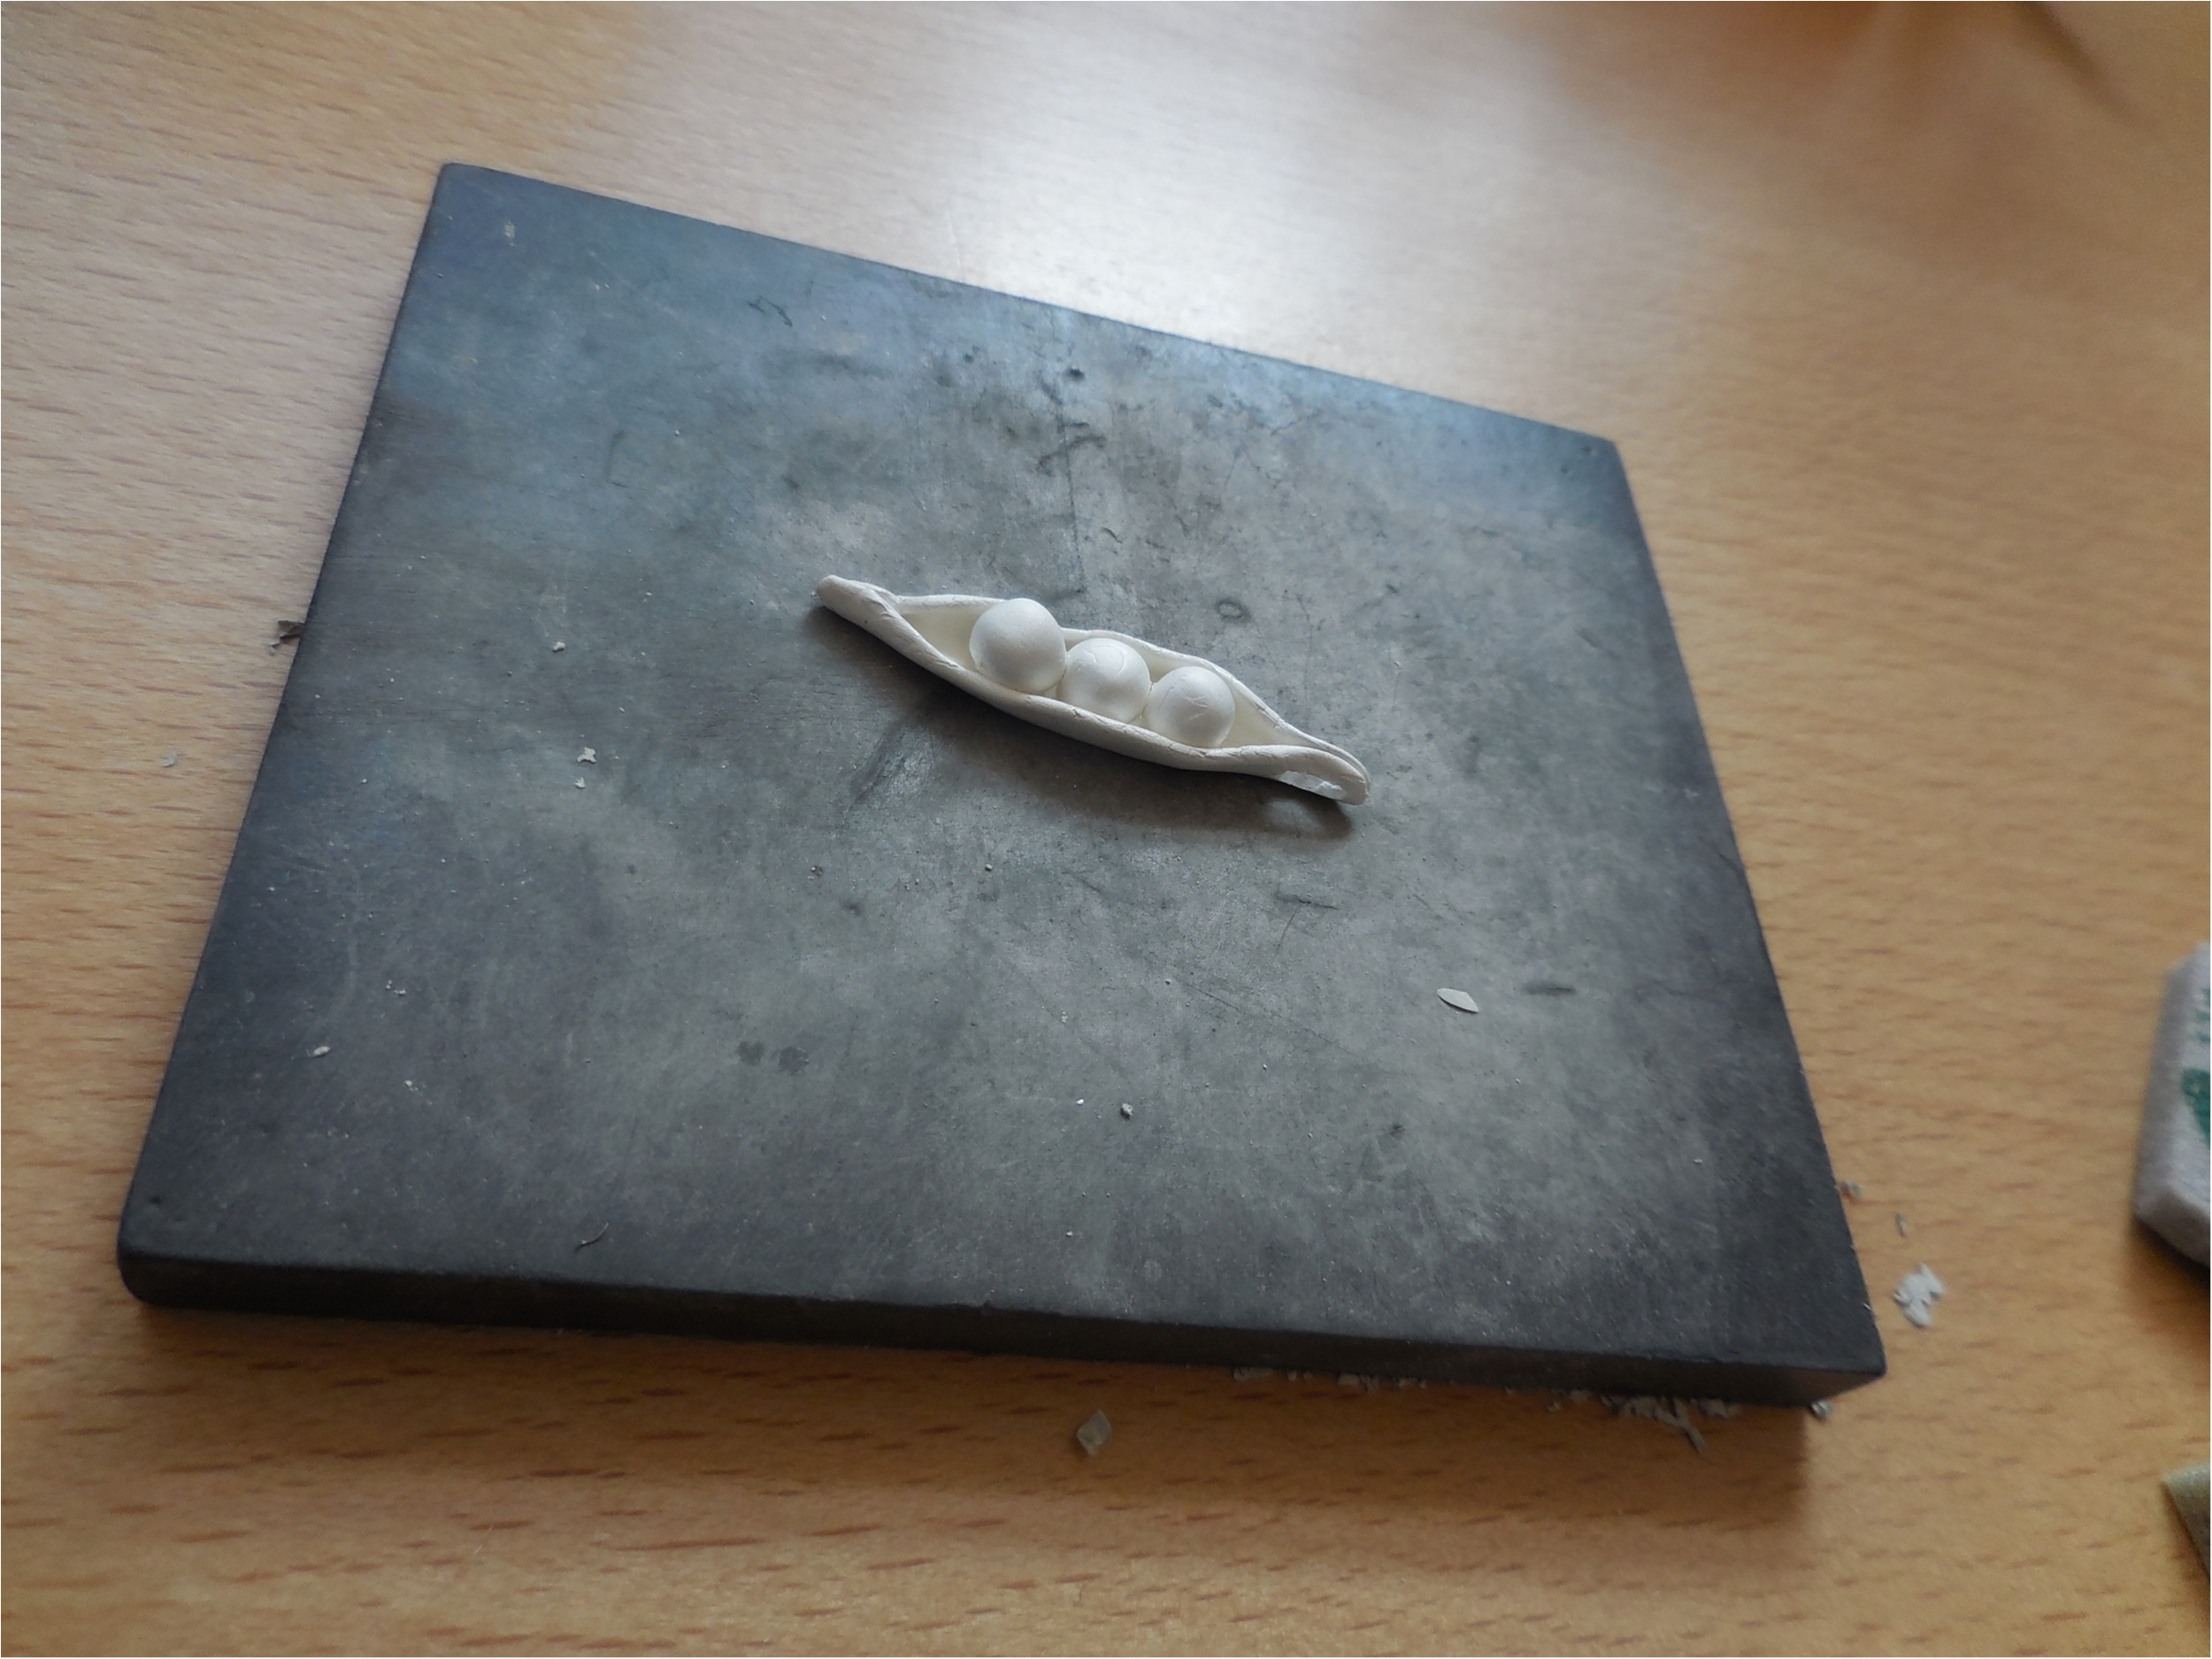 【ケユカ】純銀粘土で作るペンダントワークショップに参加してきました。_4